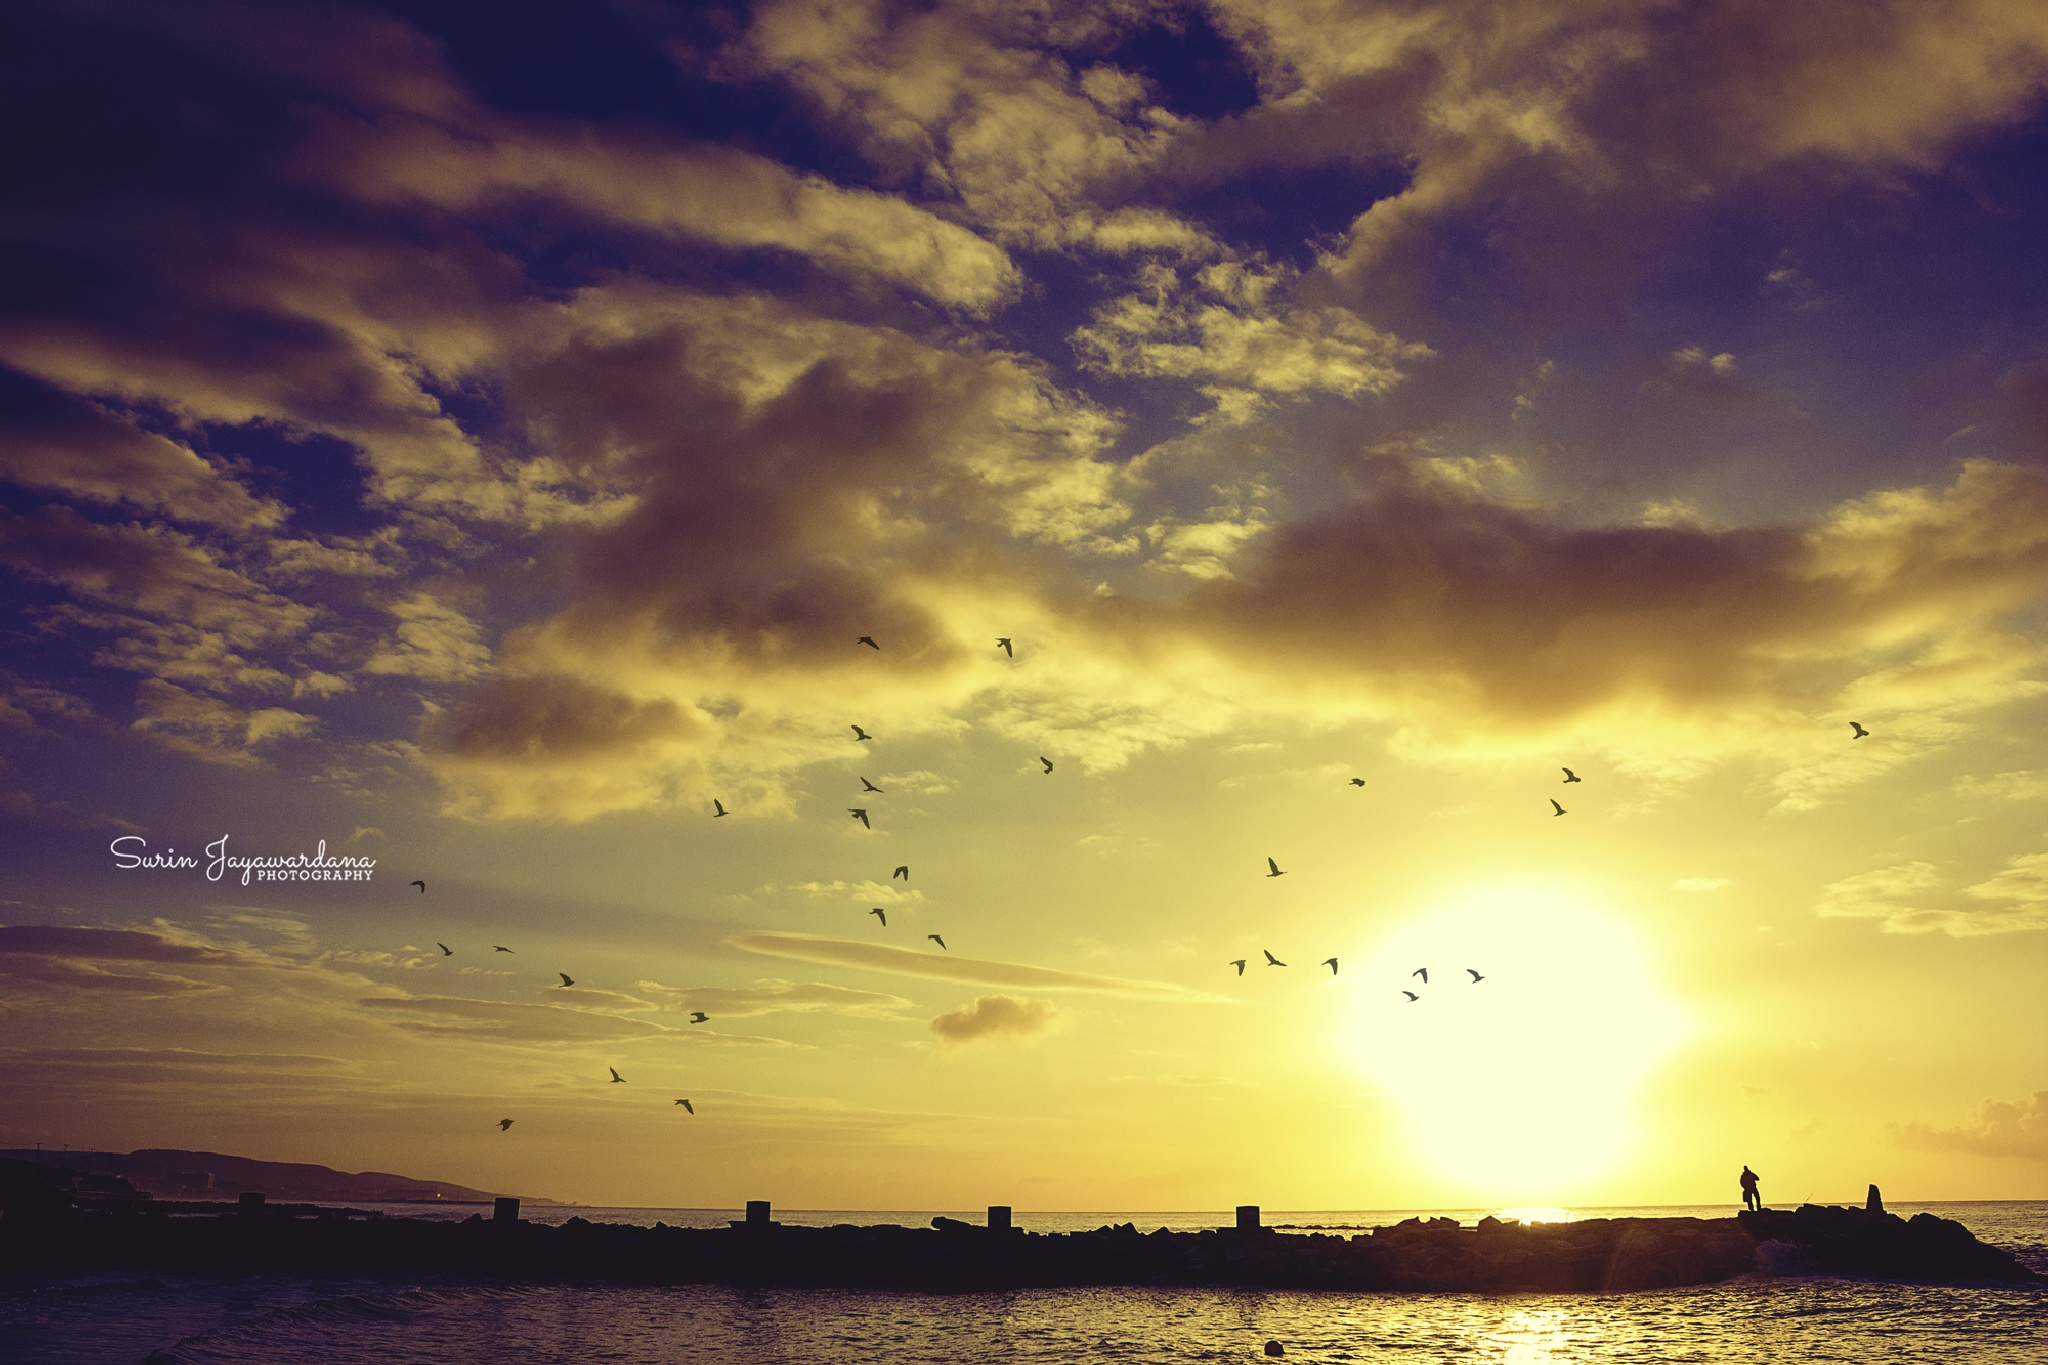 Sunrise in Limassol  by Surin Jayawardana